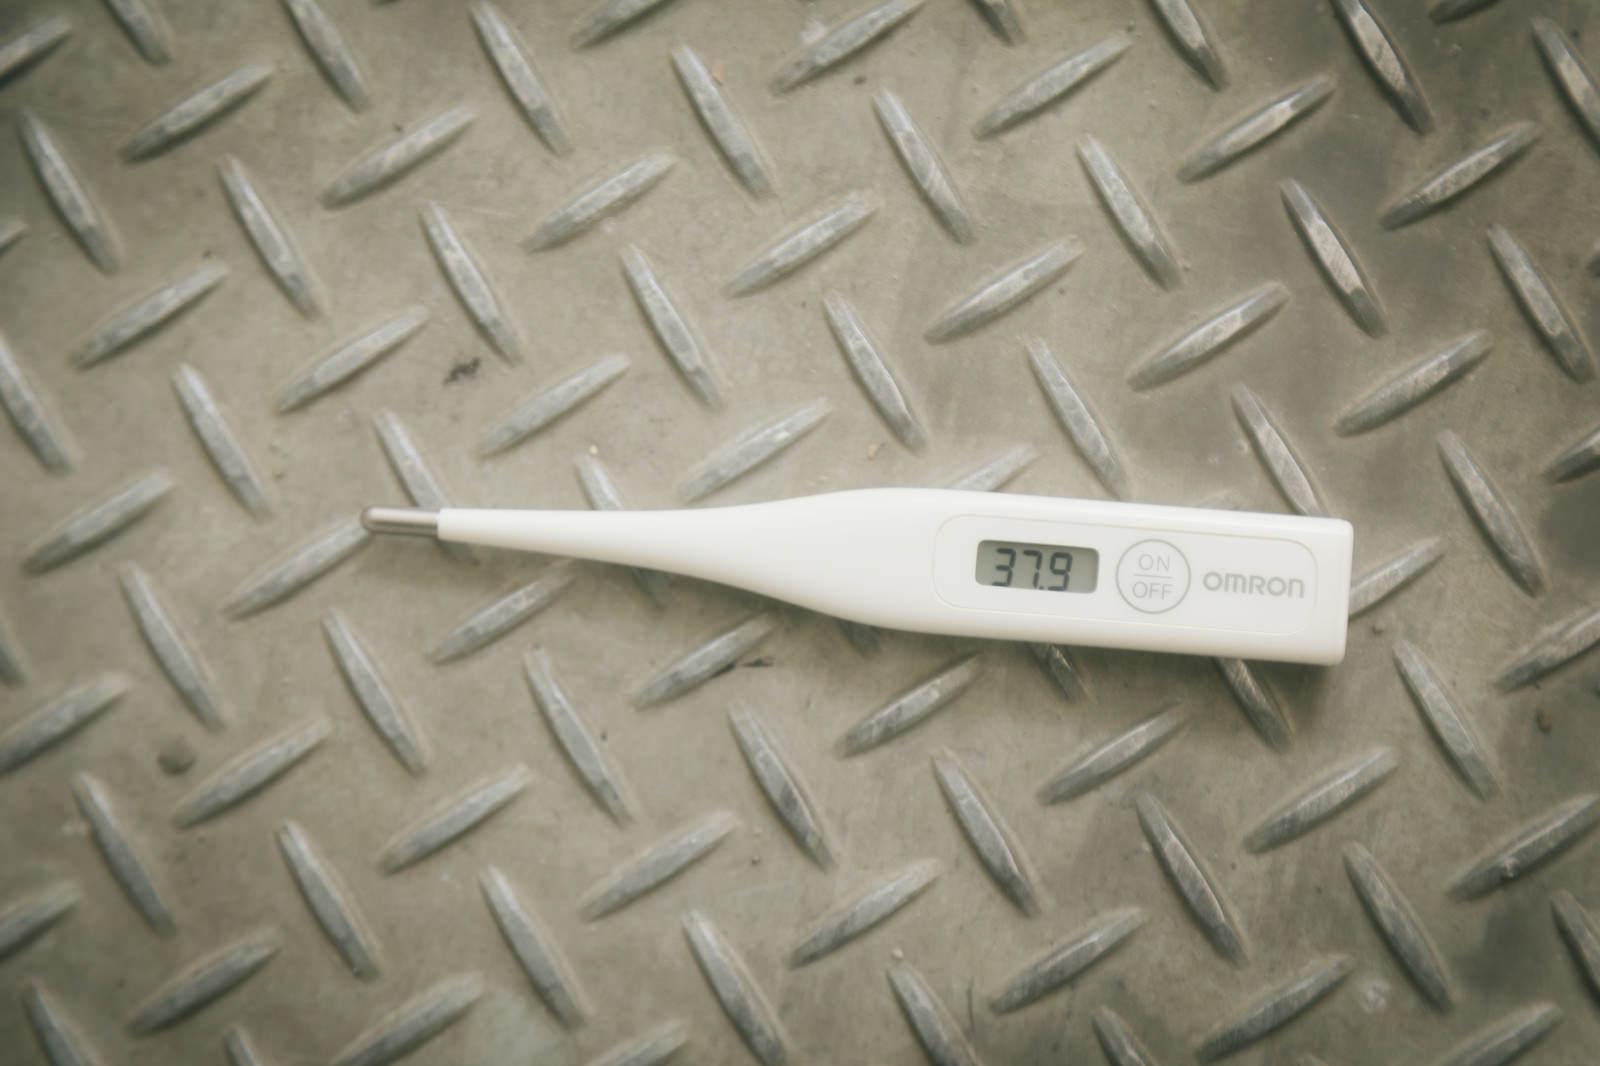 「足場板に置かれた体温計(37.9度)」の写真